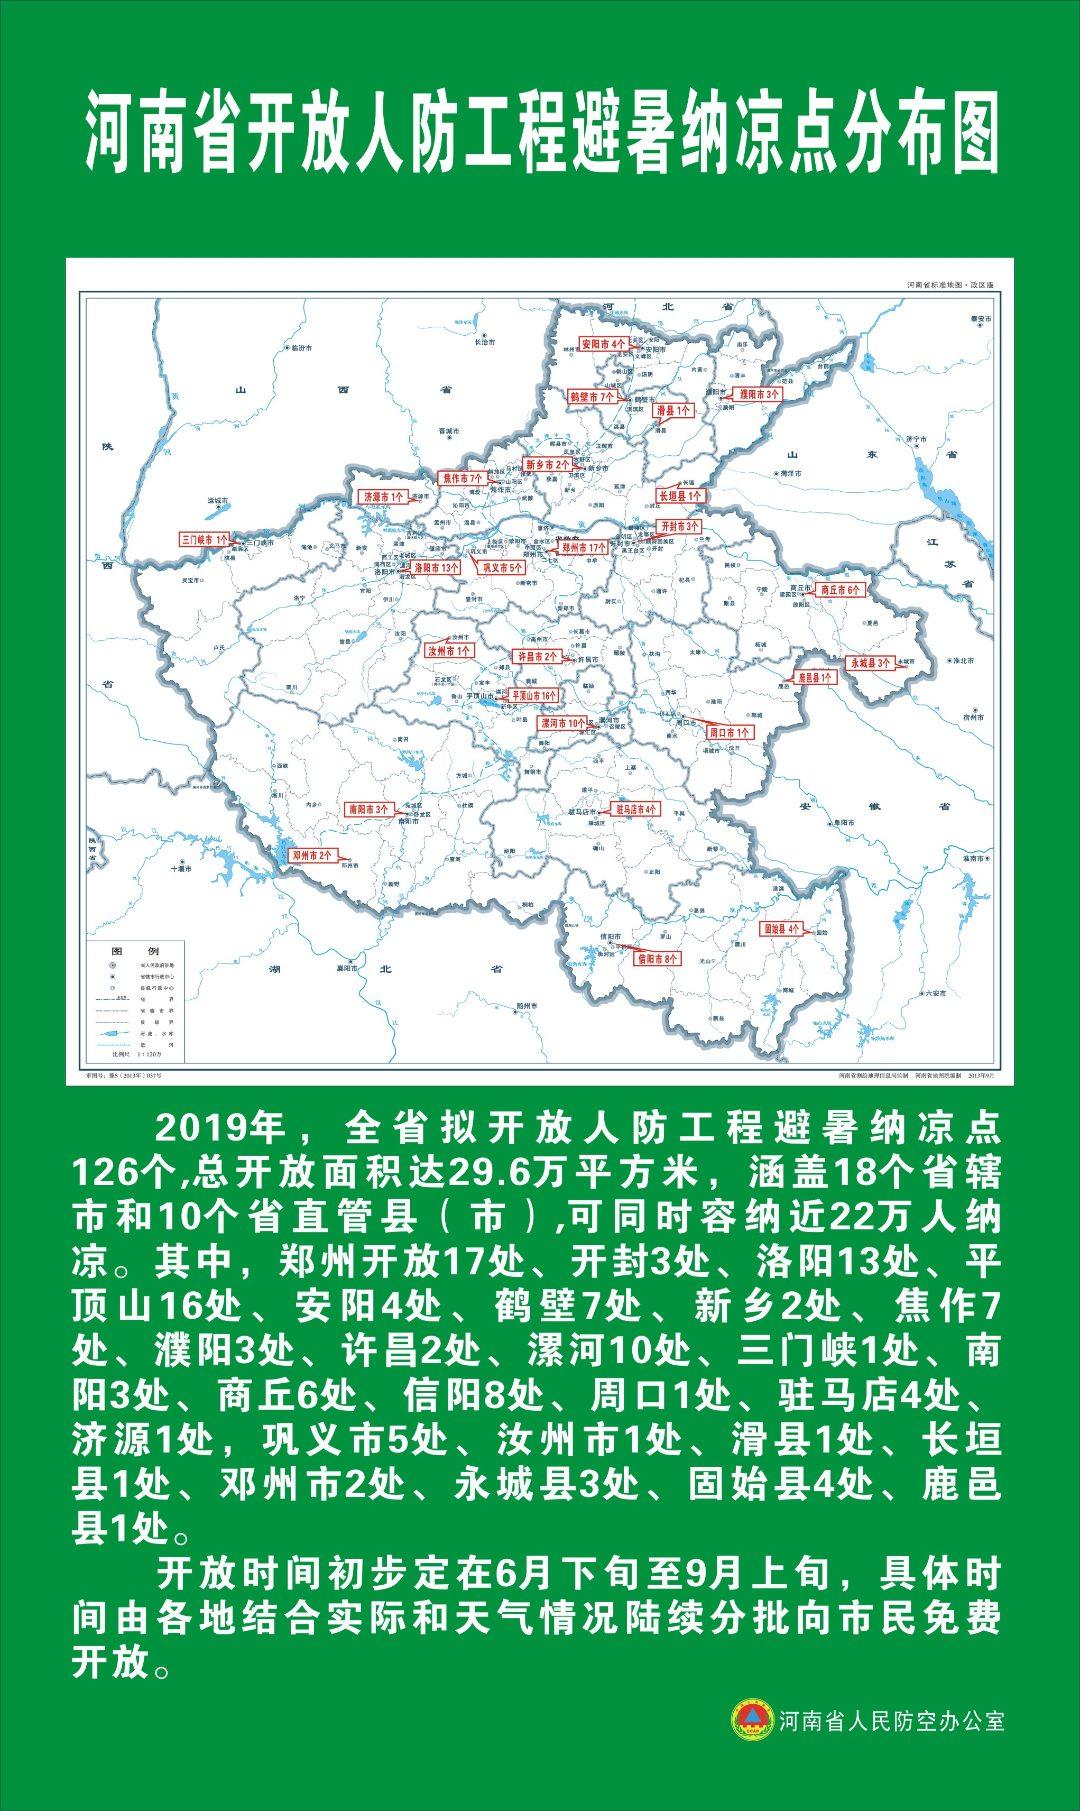 河南拟开放人防工程避暑纳凉点126个